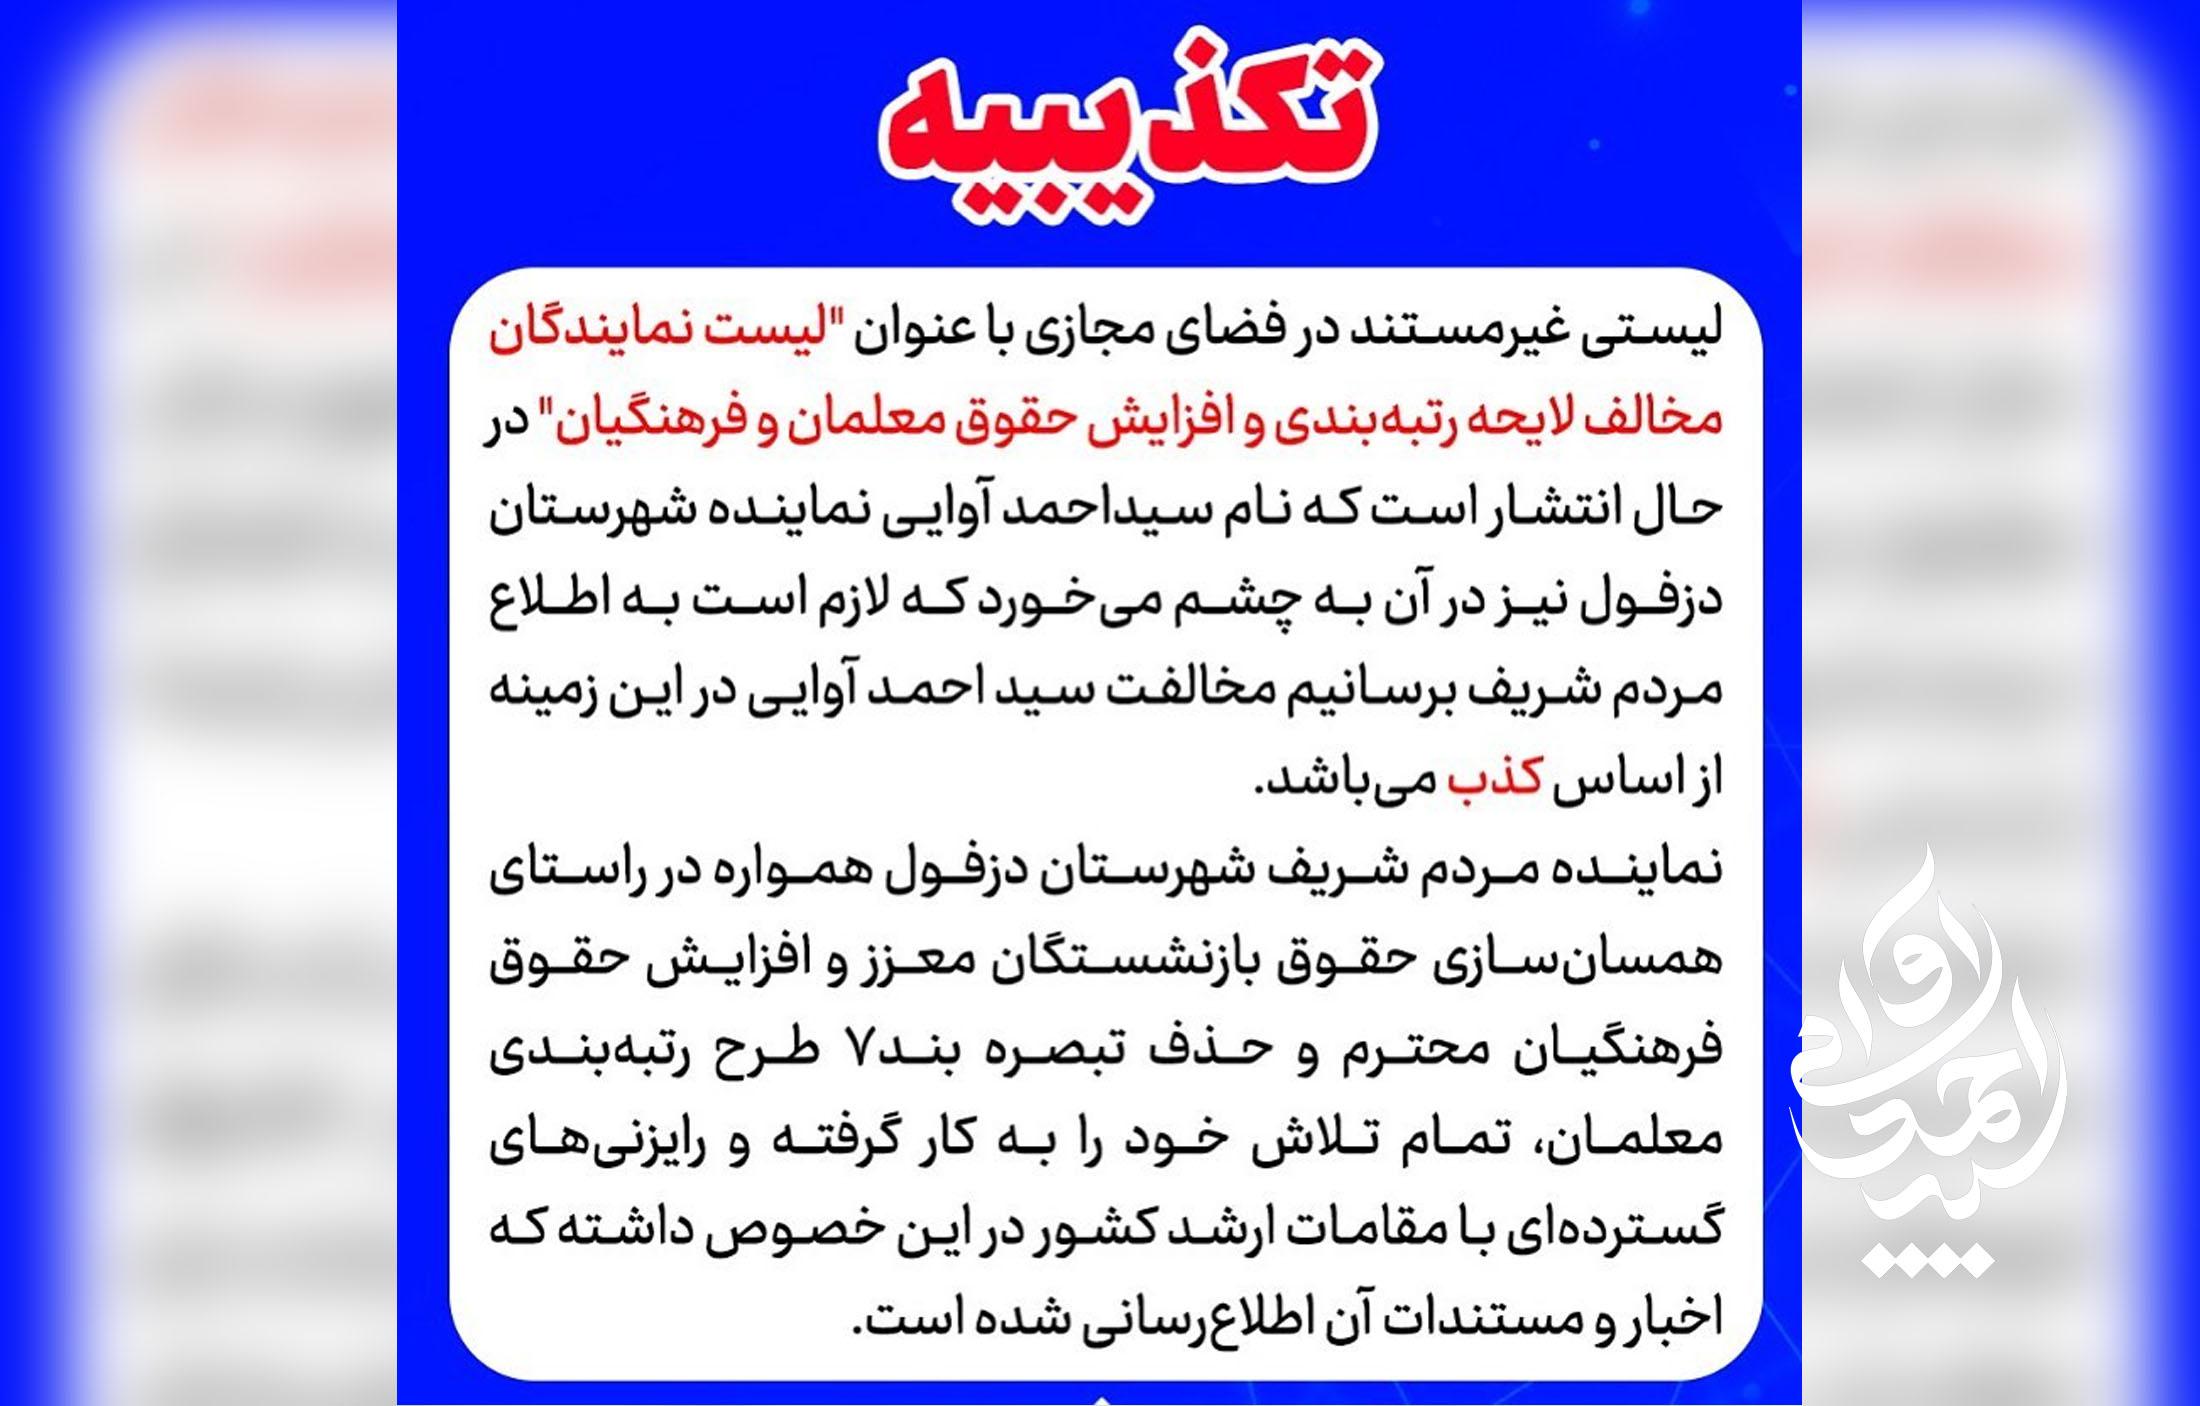 تکذیبیه: مخالفت سید احمد آوایی با لایحه رتبهبندی و افزایش حقوق فرهنگیان کذب میباشد